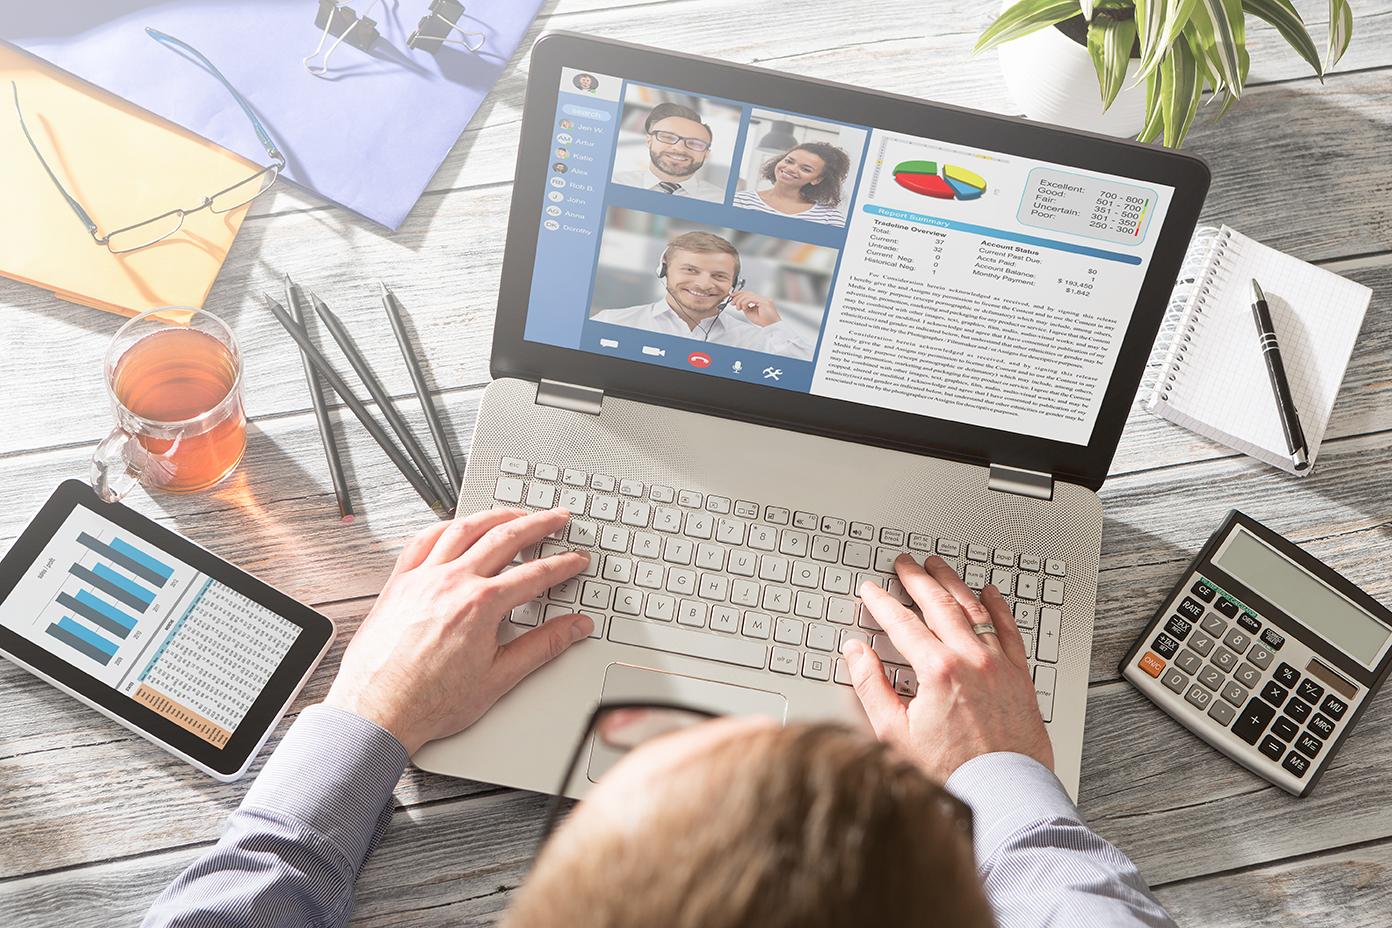 digital-mailroom-webinar-for-bpo-media-image